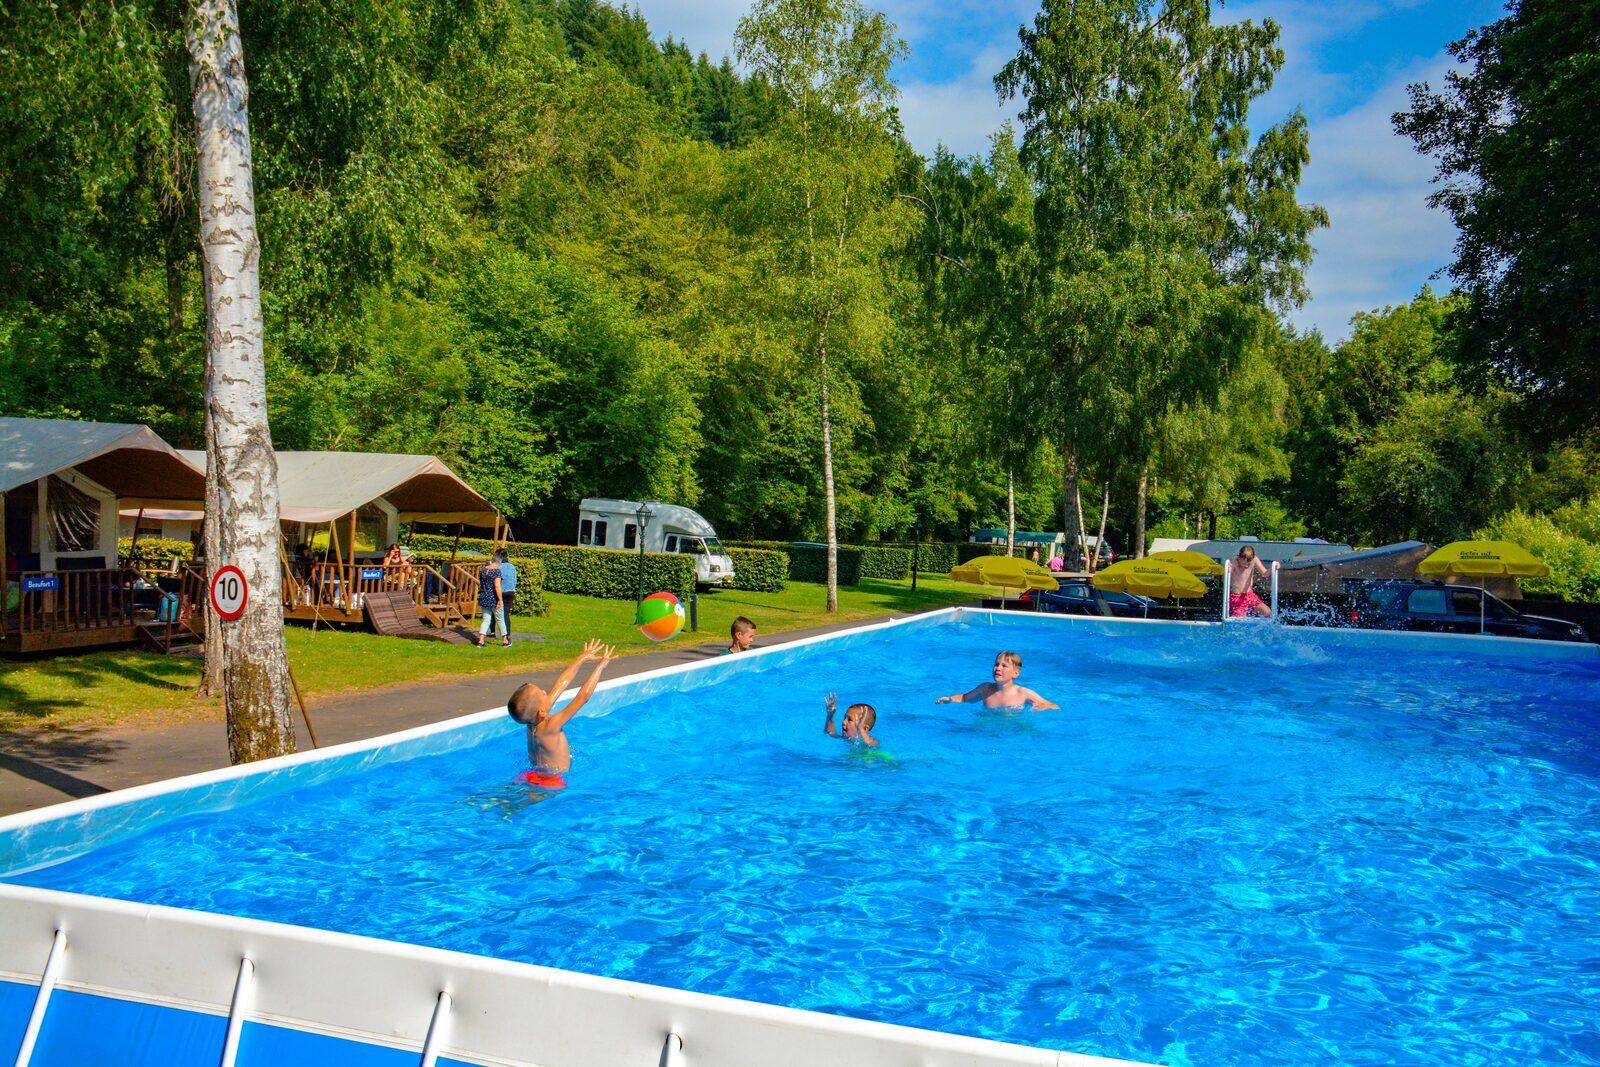 Zwembad Walsdorf spelen met bal 2